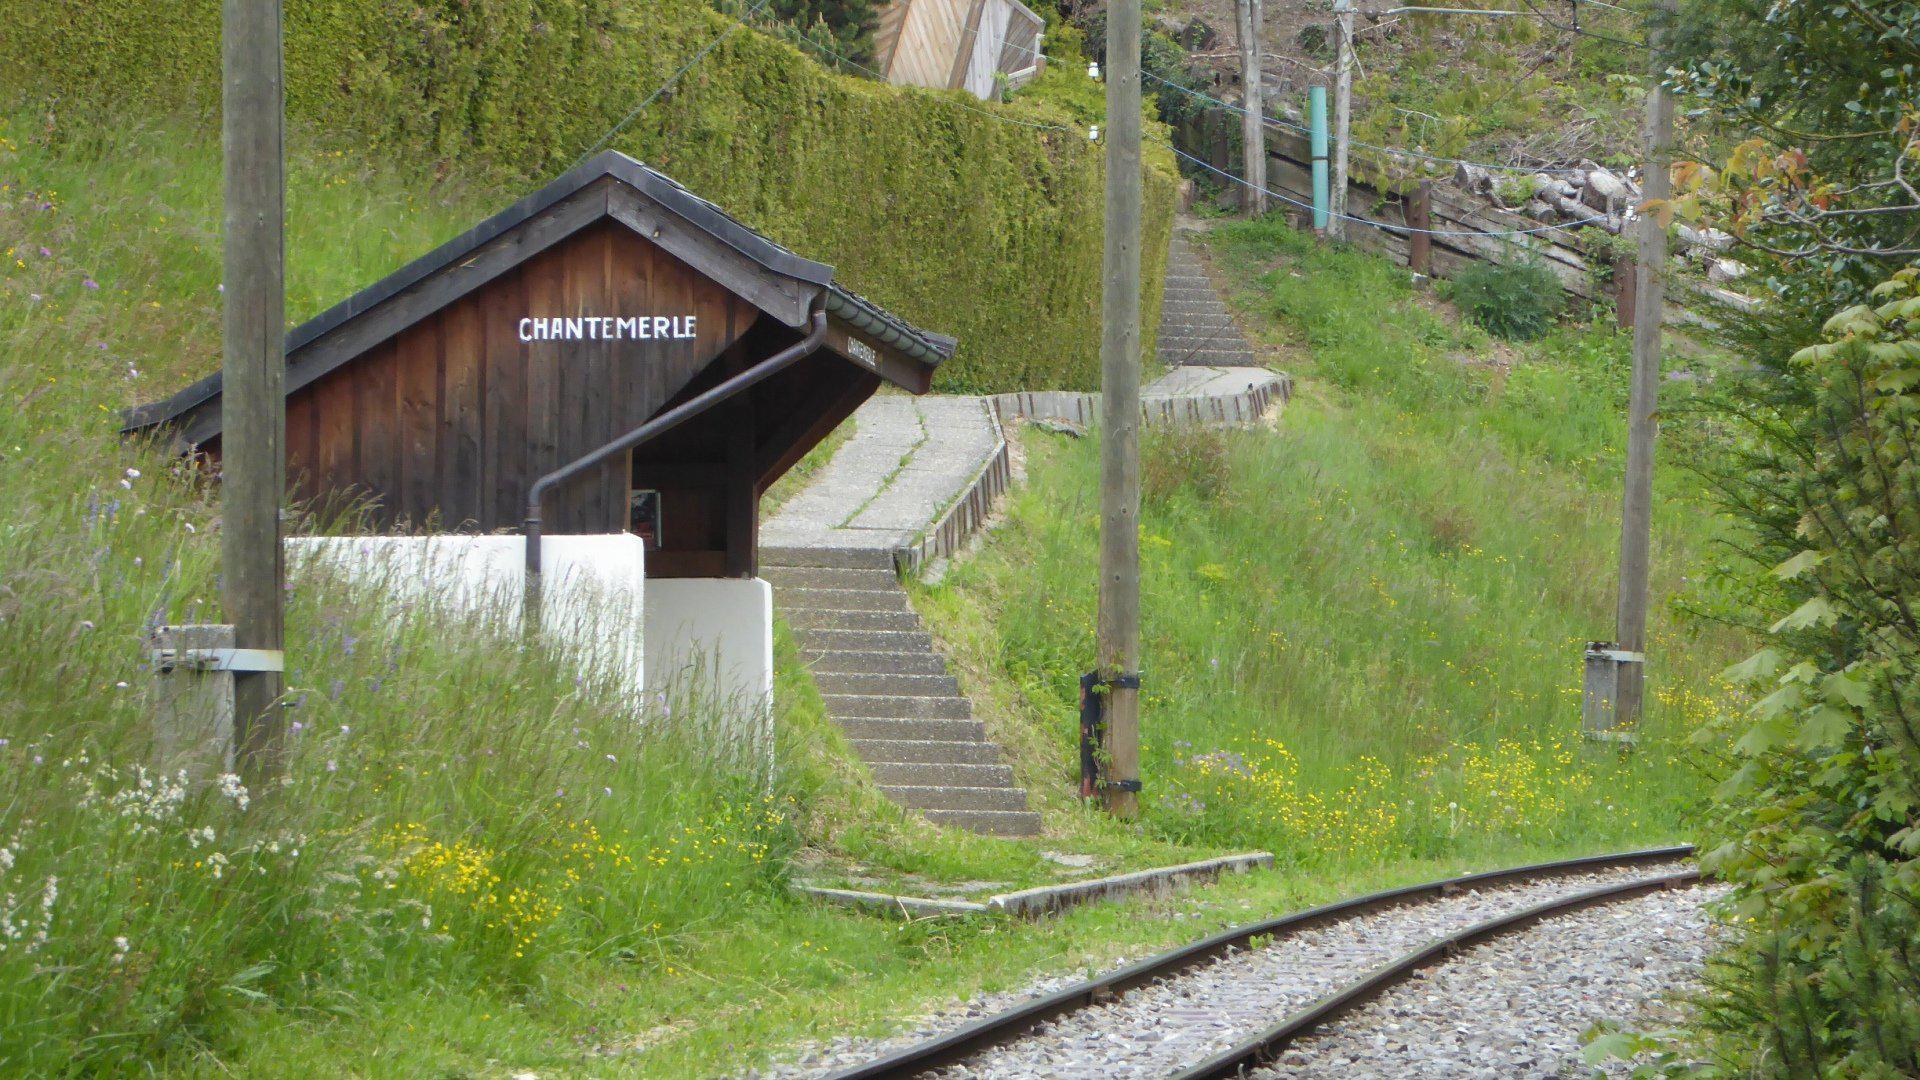 Chantemerle-près-Blonay